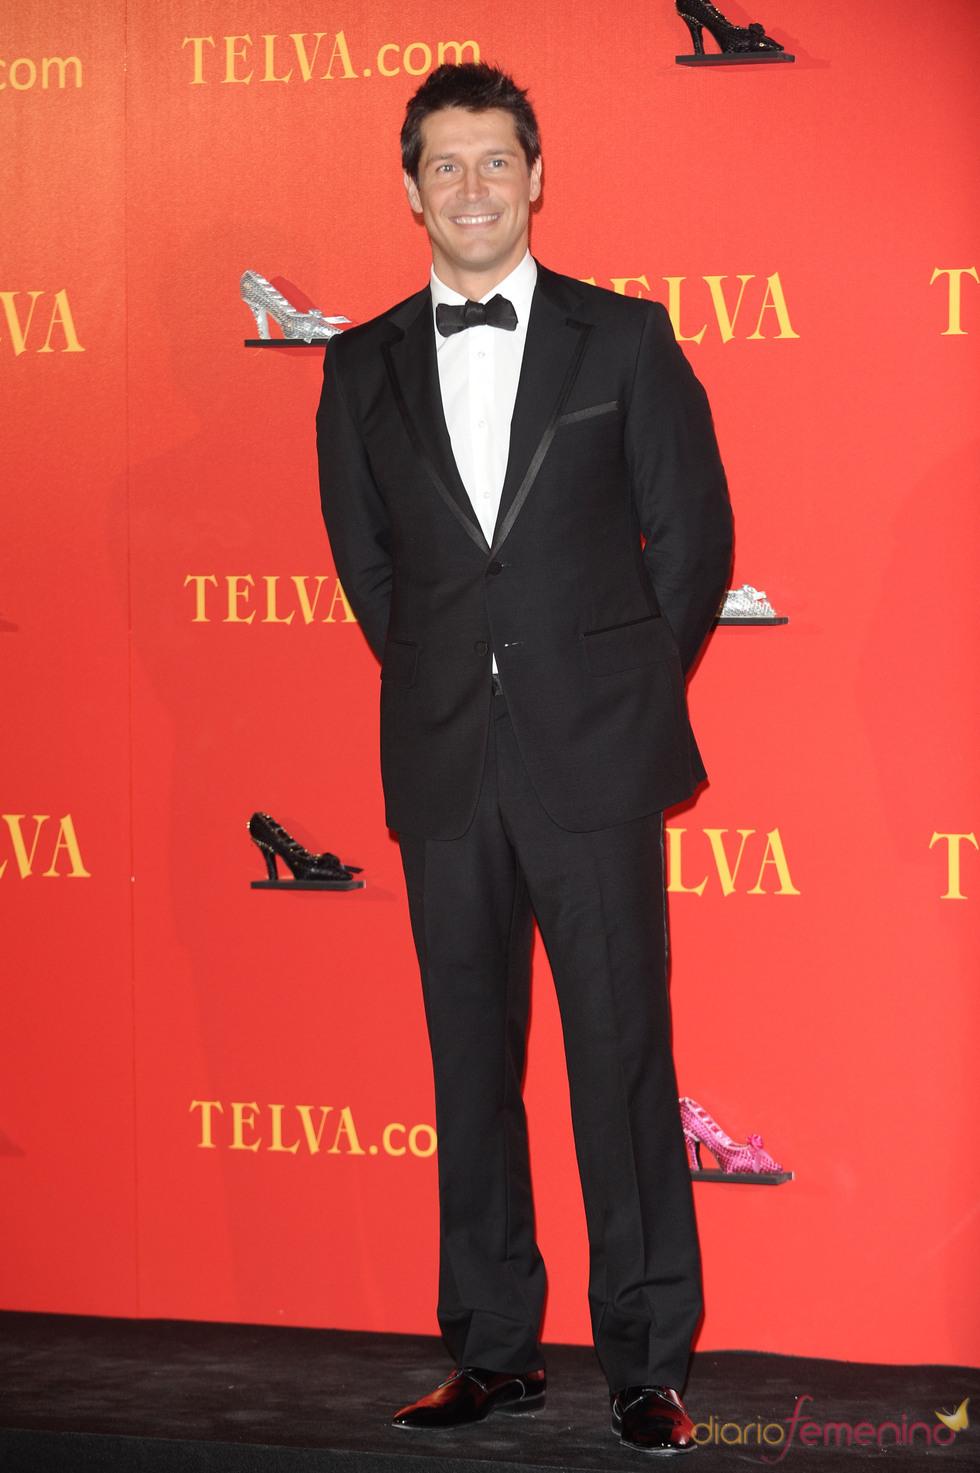 Jaime Cantizano en los Premios Telva 2010